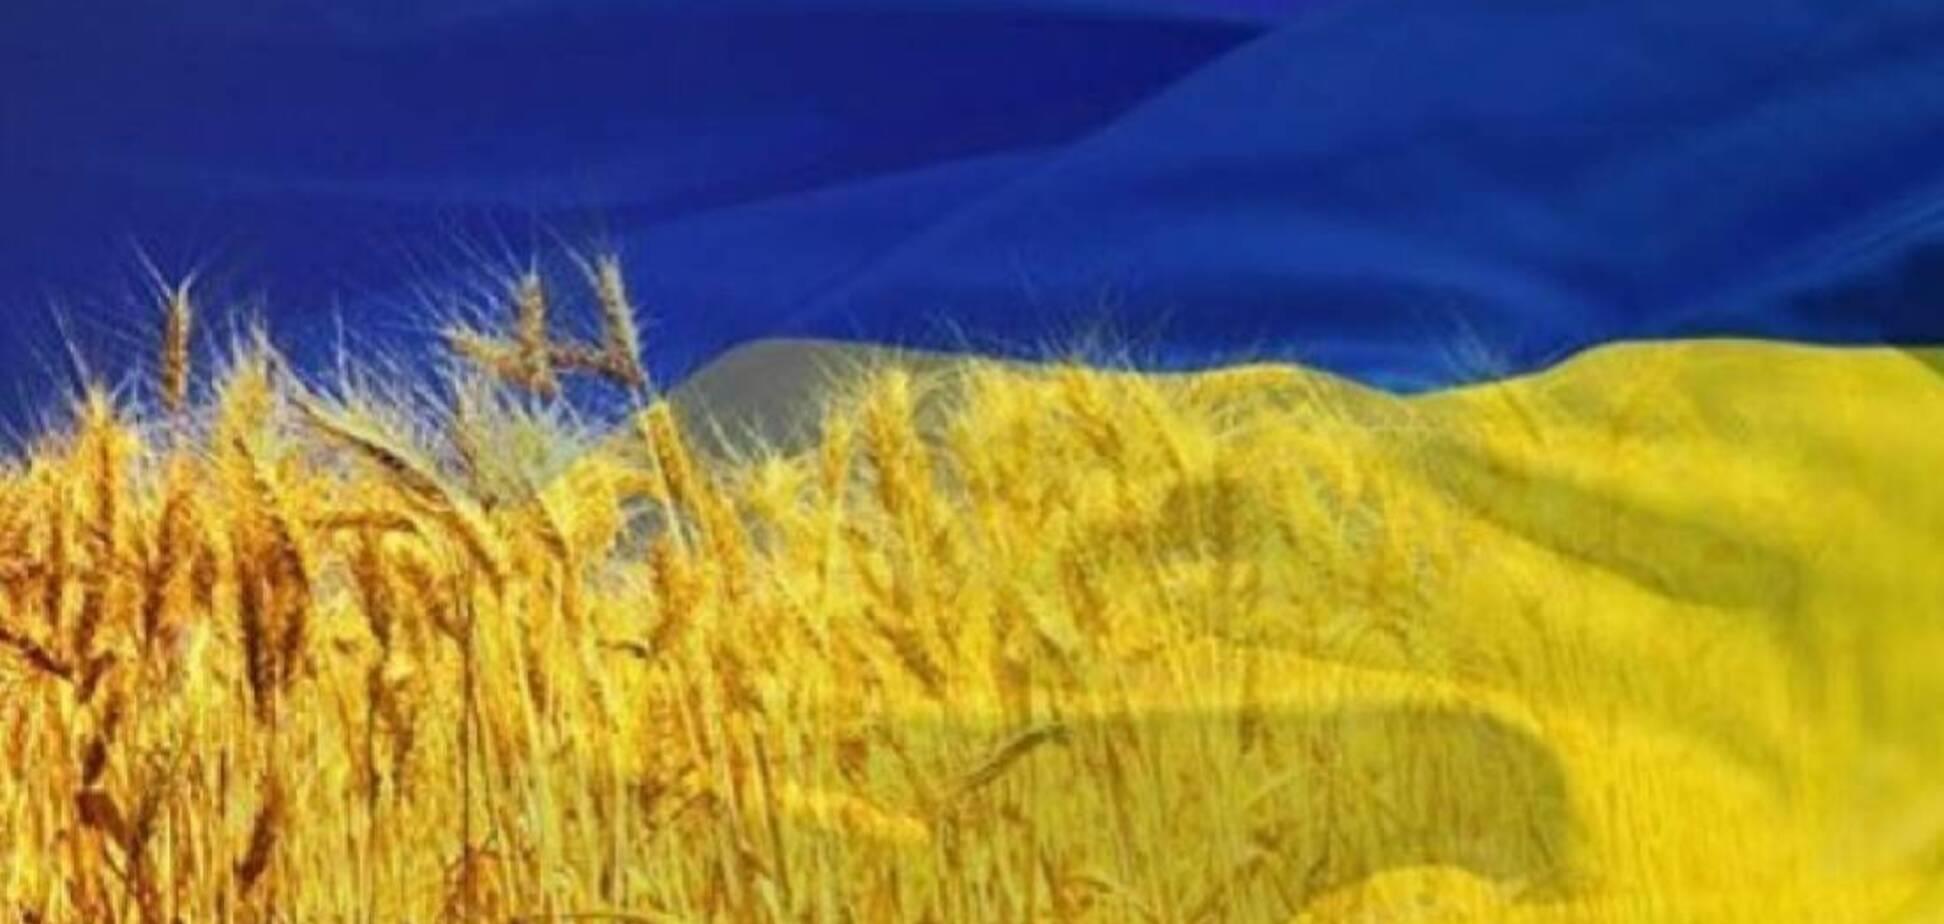 Политика и грамматика: в Украине или на Украине? УкрАинский или УкраИнский?